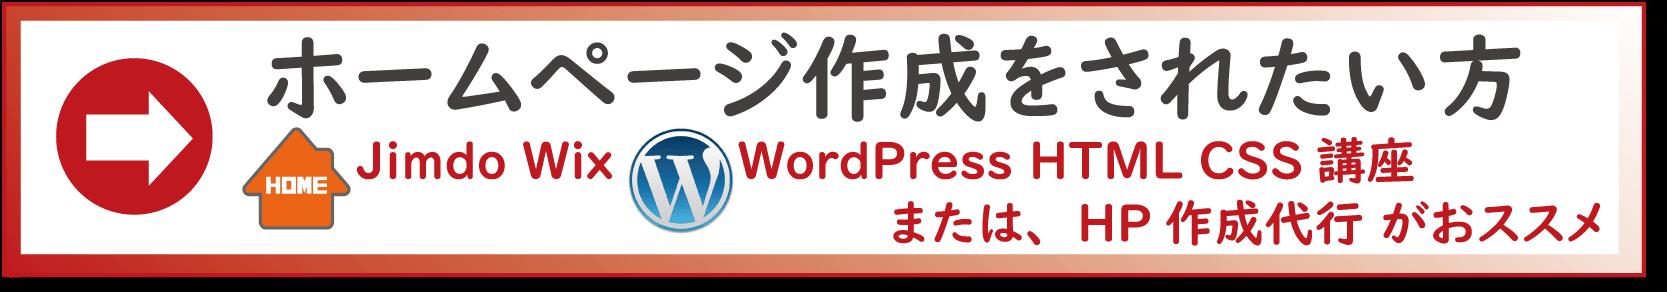 ホームページ作成をされたい方:Jimdo Wix WorddPress HTML CSS HP作成代行 がおススメ